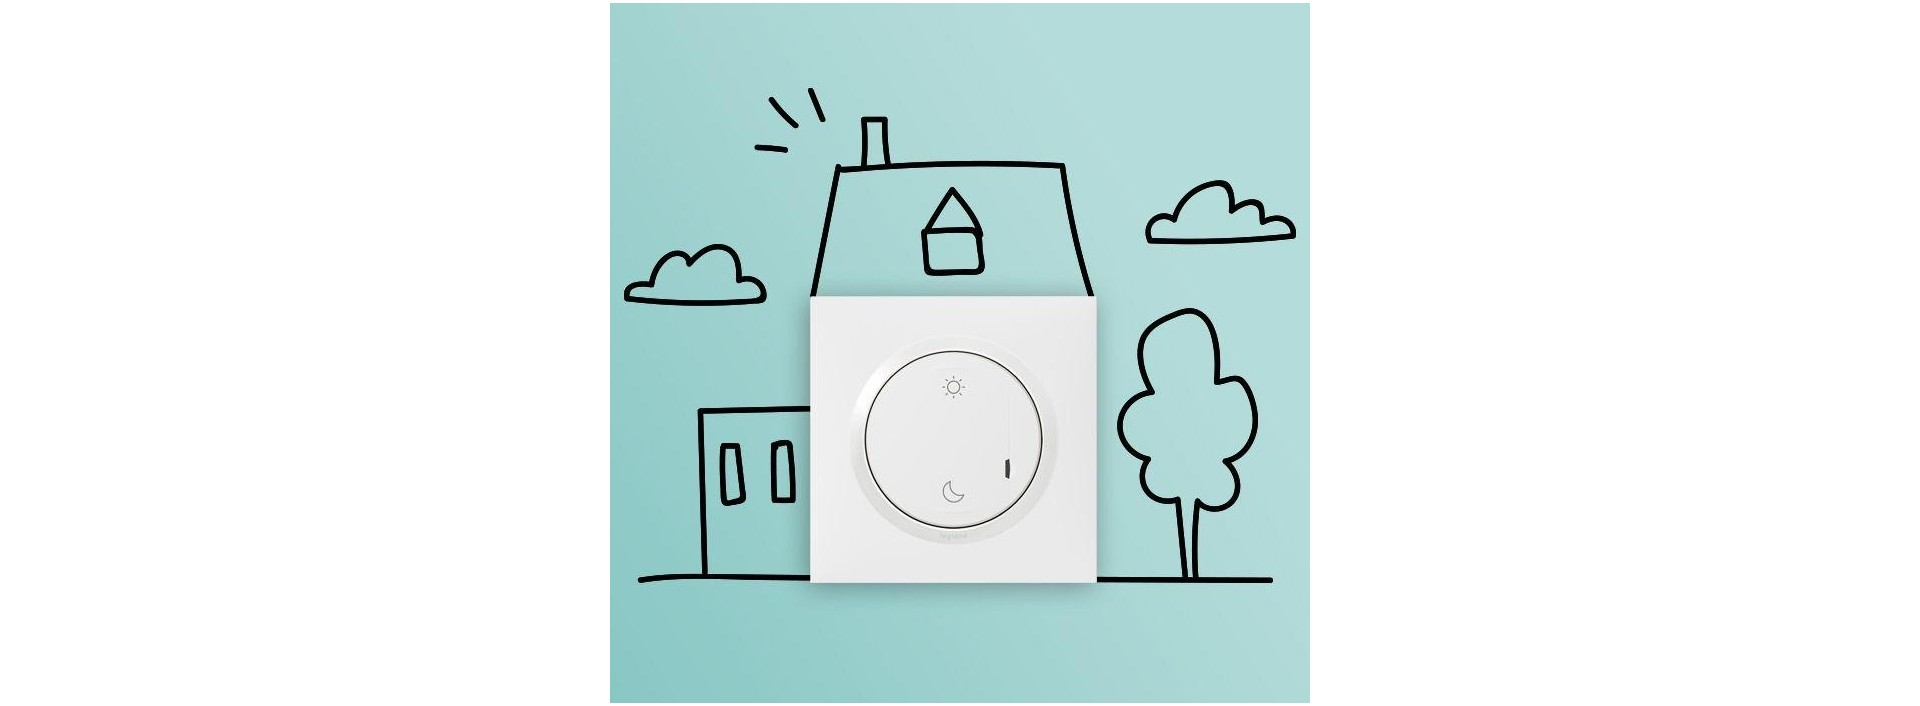 Appareillage Electrique : Prise et interrupteur Détecteur de mouvement